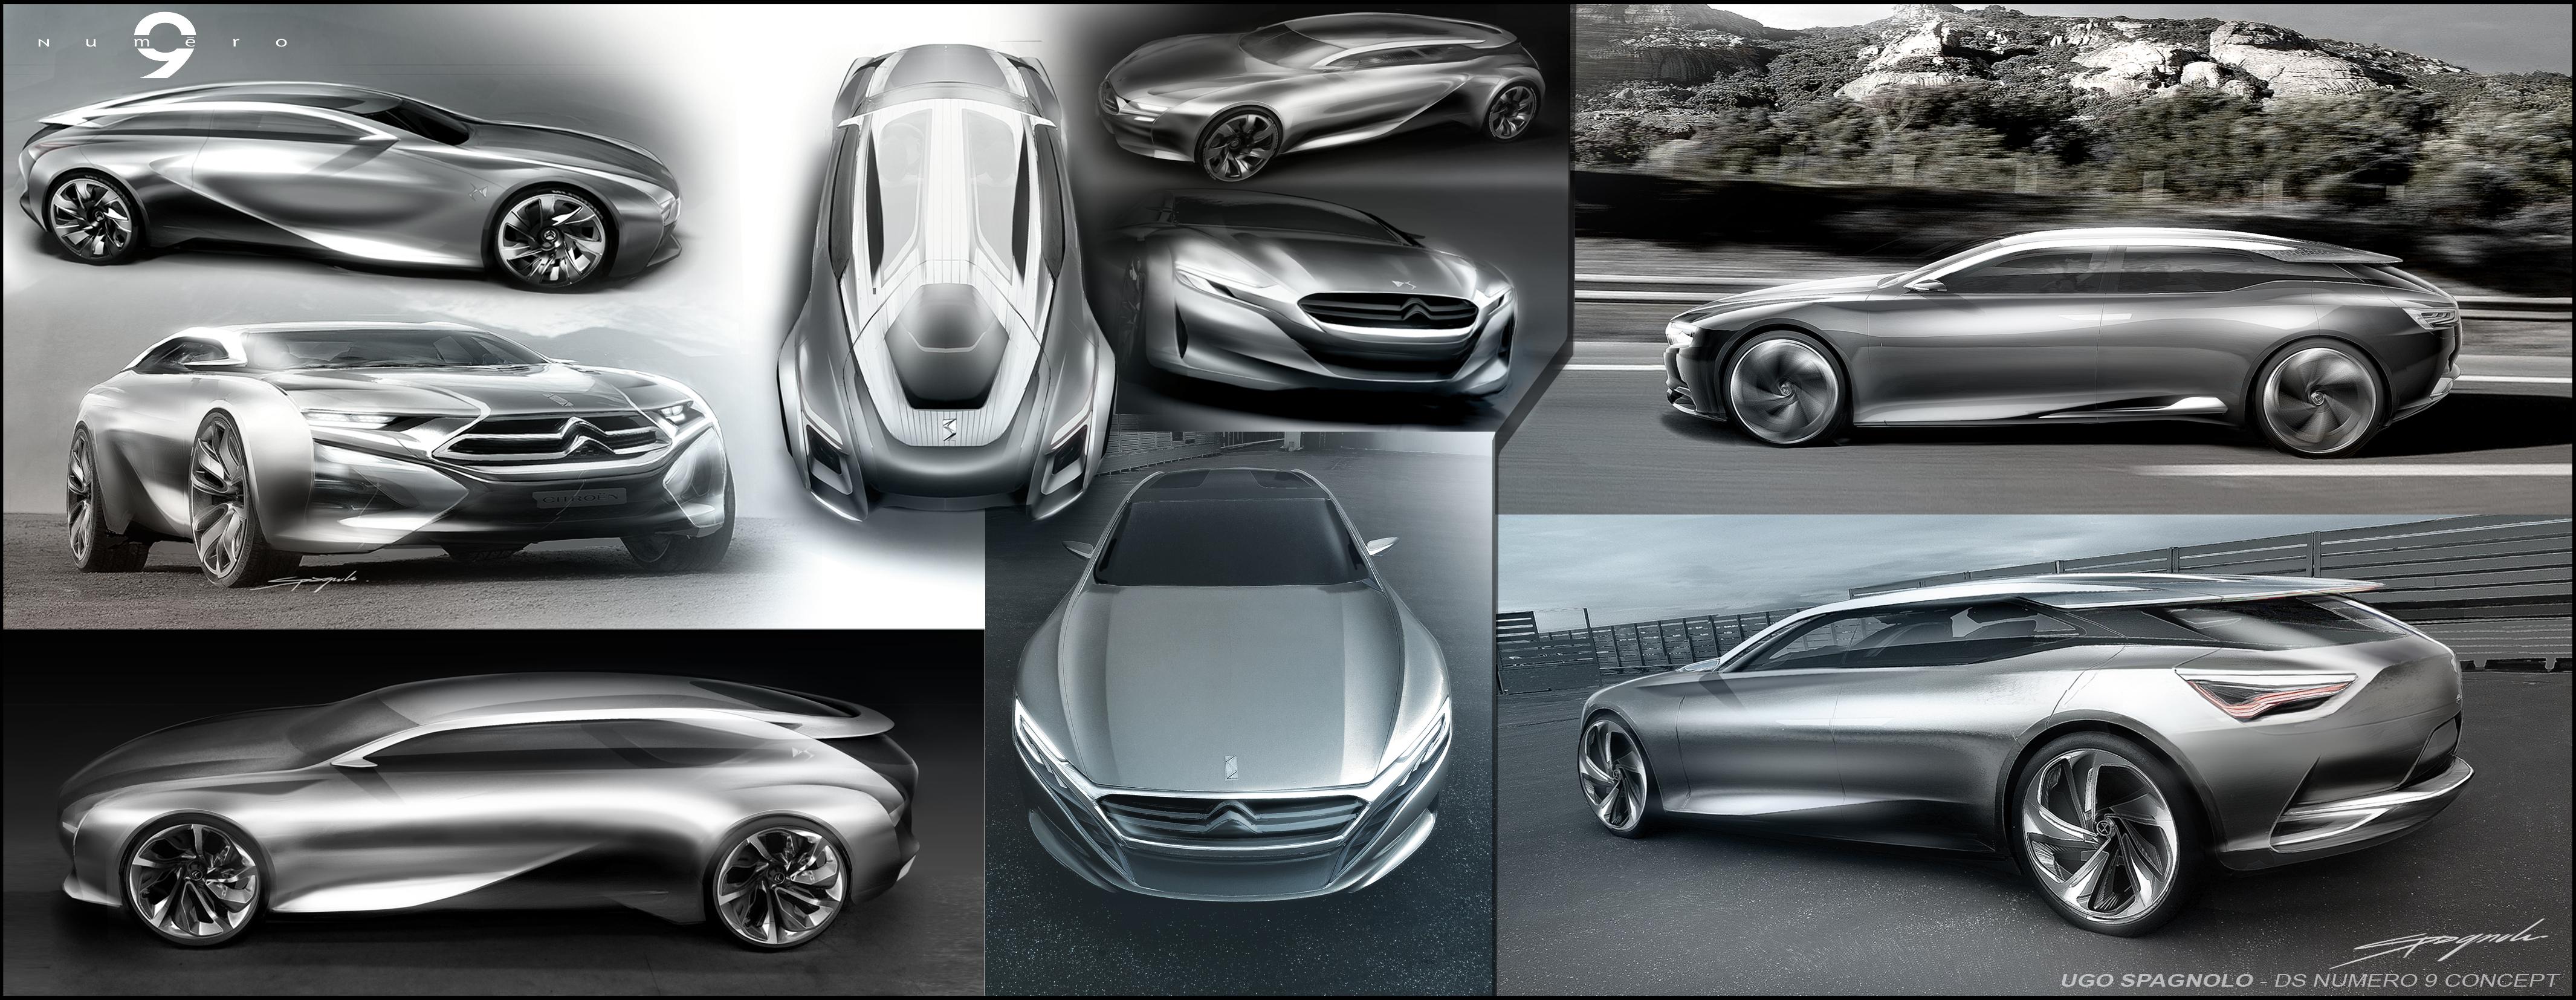 2020 - [DS Automobiles] DS 8 (X83) - Page 5 S0-Exclusif-Caradisiac-Futures-Citroen-DS-demandez-le-programme-288444